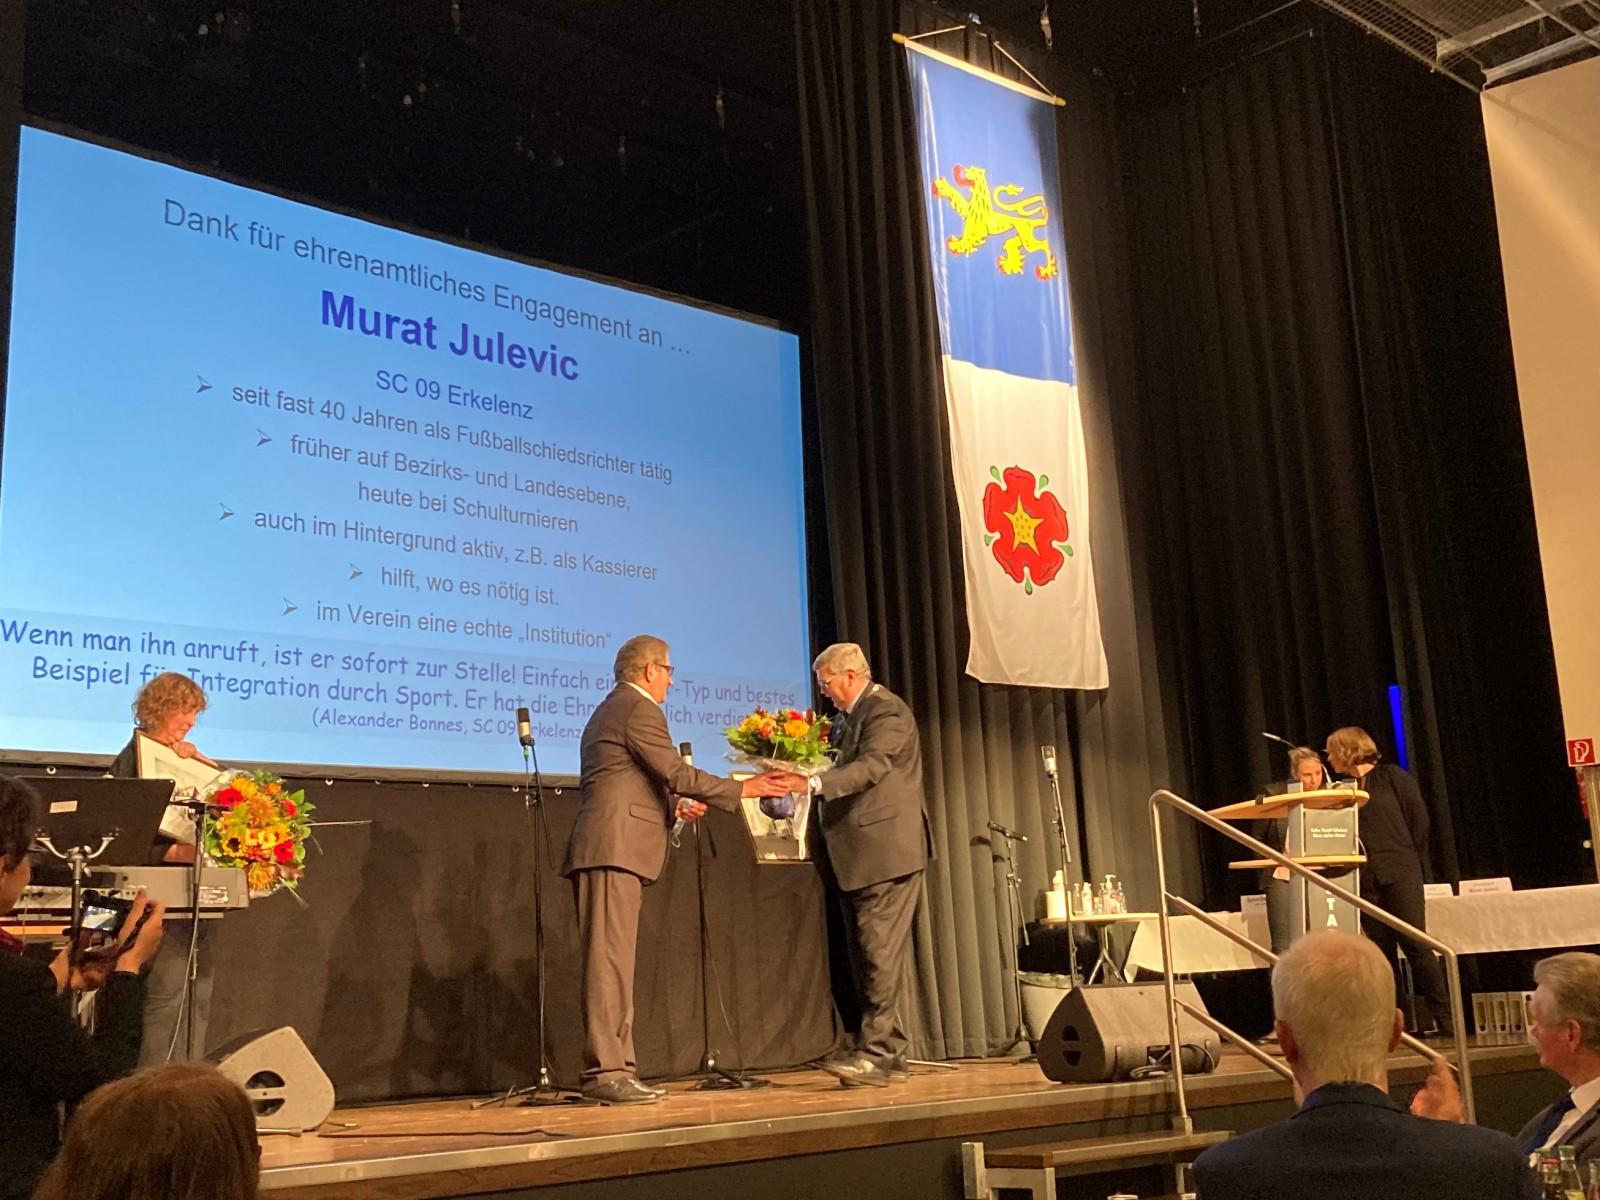 Murat Julevic - Dank für ehrenamtliches Engagement